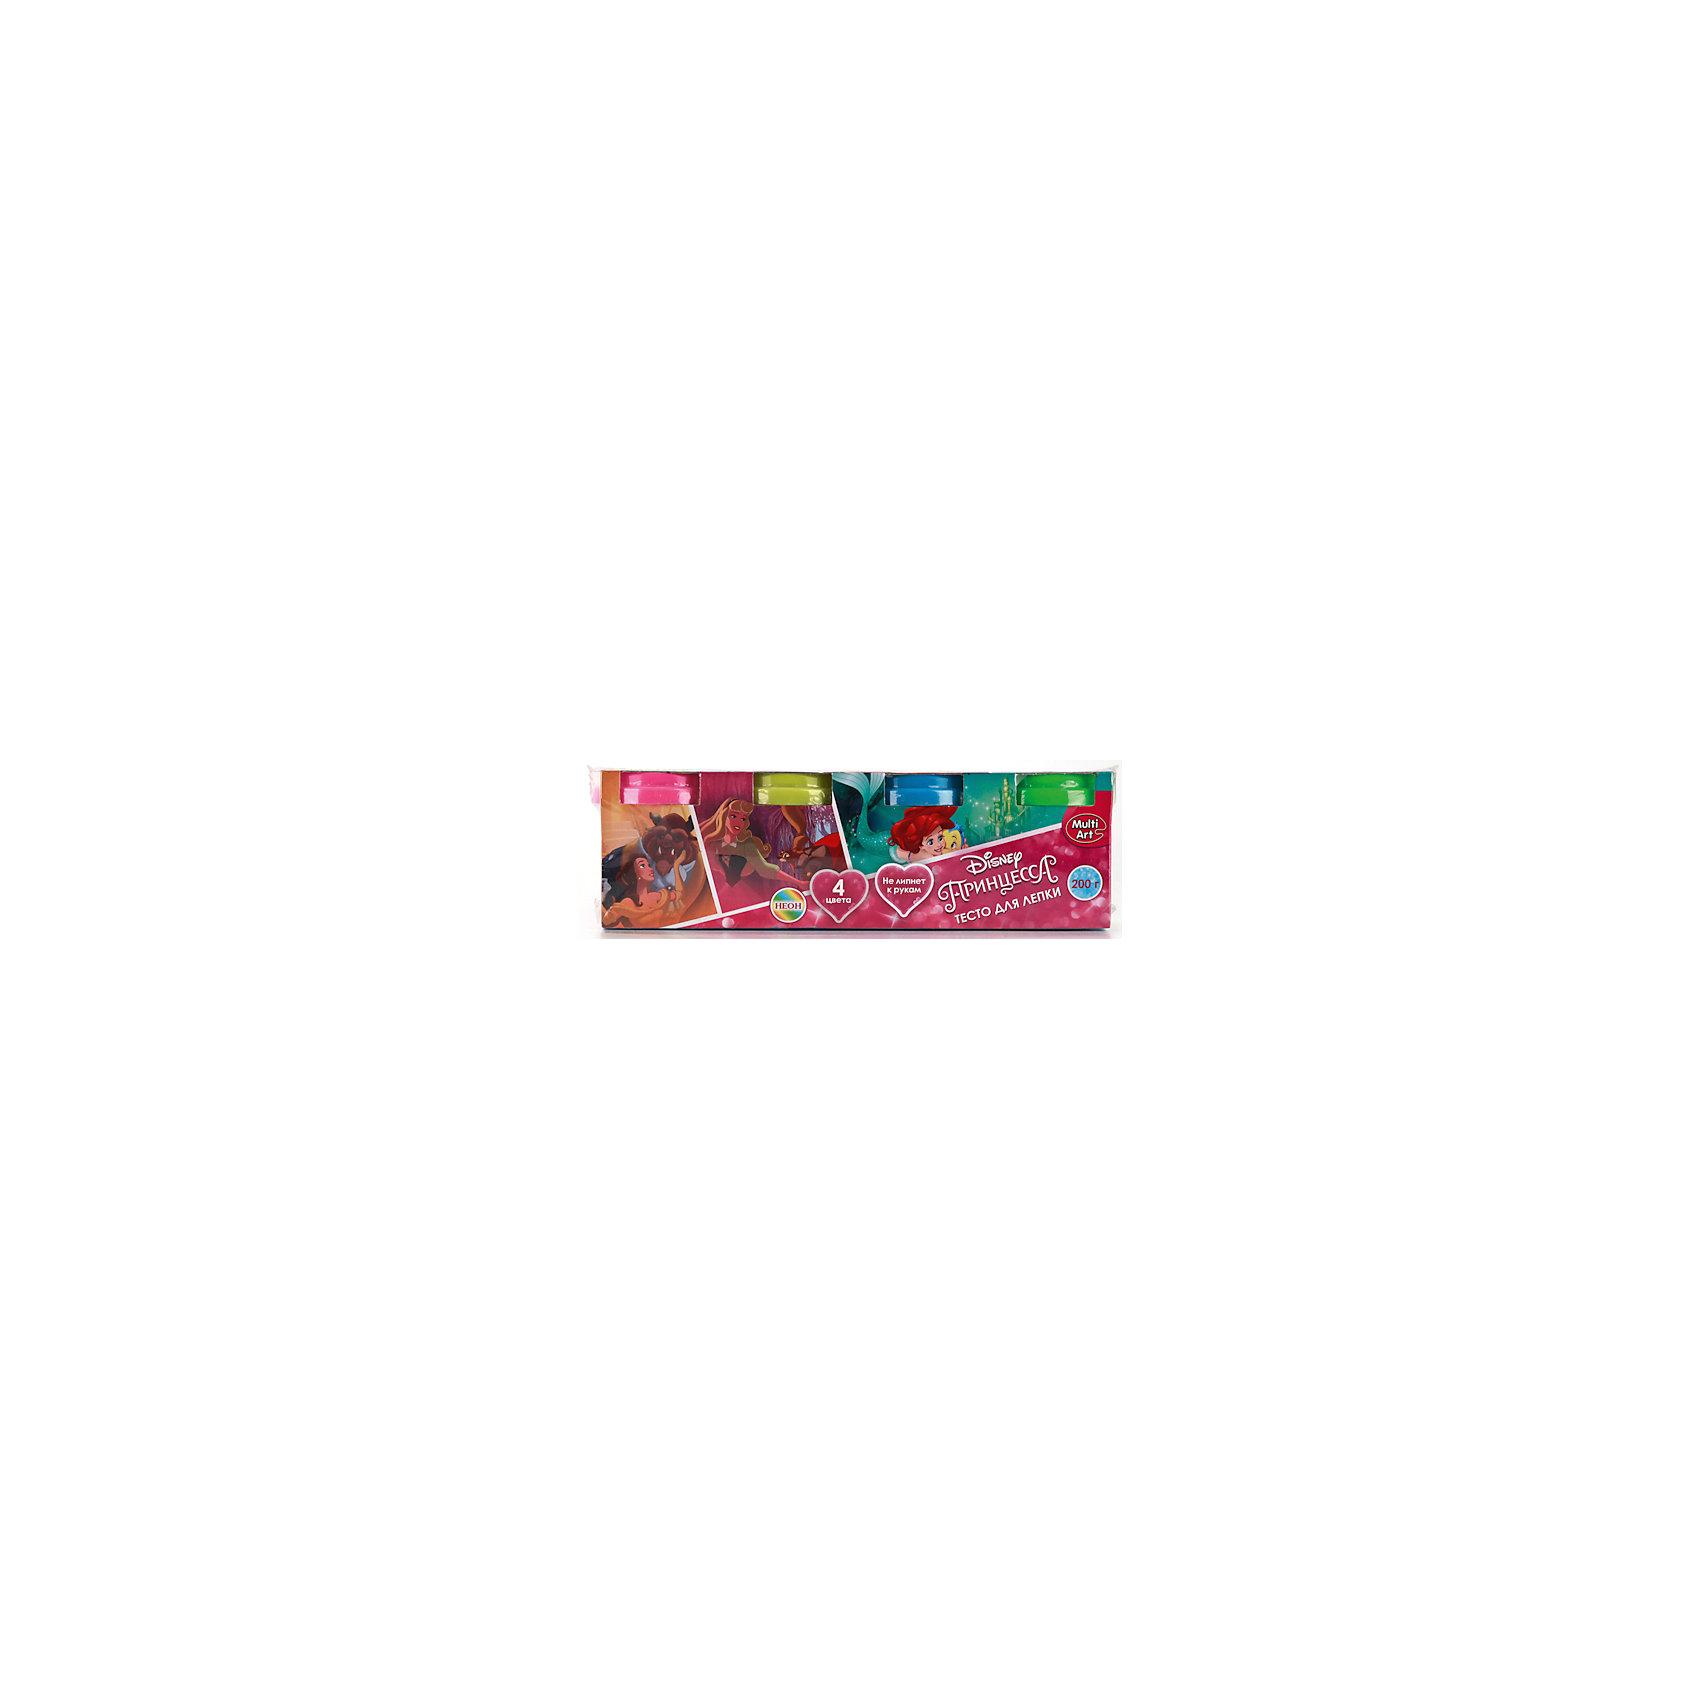 Тесто для лепки Принцессы Дисней, неоновое, 4 цветаЛепка<br>Тесто для лепки Принцессы Дисней создано специально для любителей известных мультсериалов от Disney(Дисней). Яркая упаковка с изображением любимых героев не оставит ребенка равнодушным.  Тесто не прилипает к рукам, а яркая неоновая расцветка позволит создать самые красочные фигурки, которые можно раскрасить после застывания. С таким набором воображение ребенка заиграет новыми красками!<br>Дополнительная информация:<br>-в наборе: 4 баночки с тестом разных цветов<br>Сказочный персонаж: Принцессы Дисней<br>-вес: 310 грамм<br>-размер упаковки: 21x7x5 см<br>Тесто для лепки Принцессы Дисней можно приобрести в нашем интернет-магазине.<br><br>Ширина мм: 50<br>Глубина мм: 70<br>Высота мм: 210<br>Вес г: 310<br>Возраст от месяцев: 36<br>Возраст до месяцев: 84<br>Пол: Женский<br>Возраст: Детский<br>SKU: 4915409